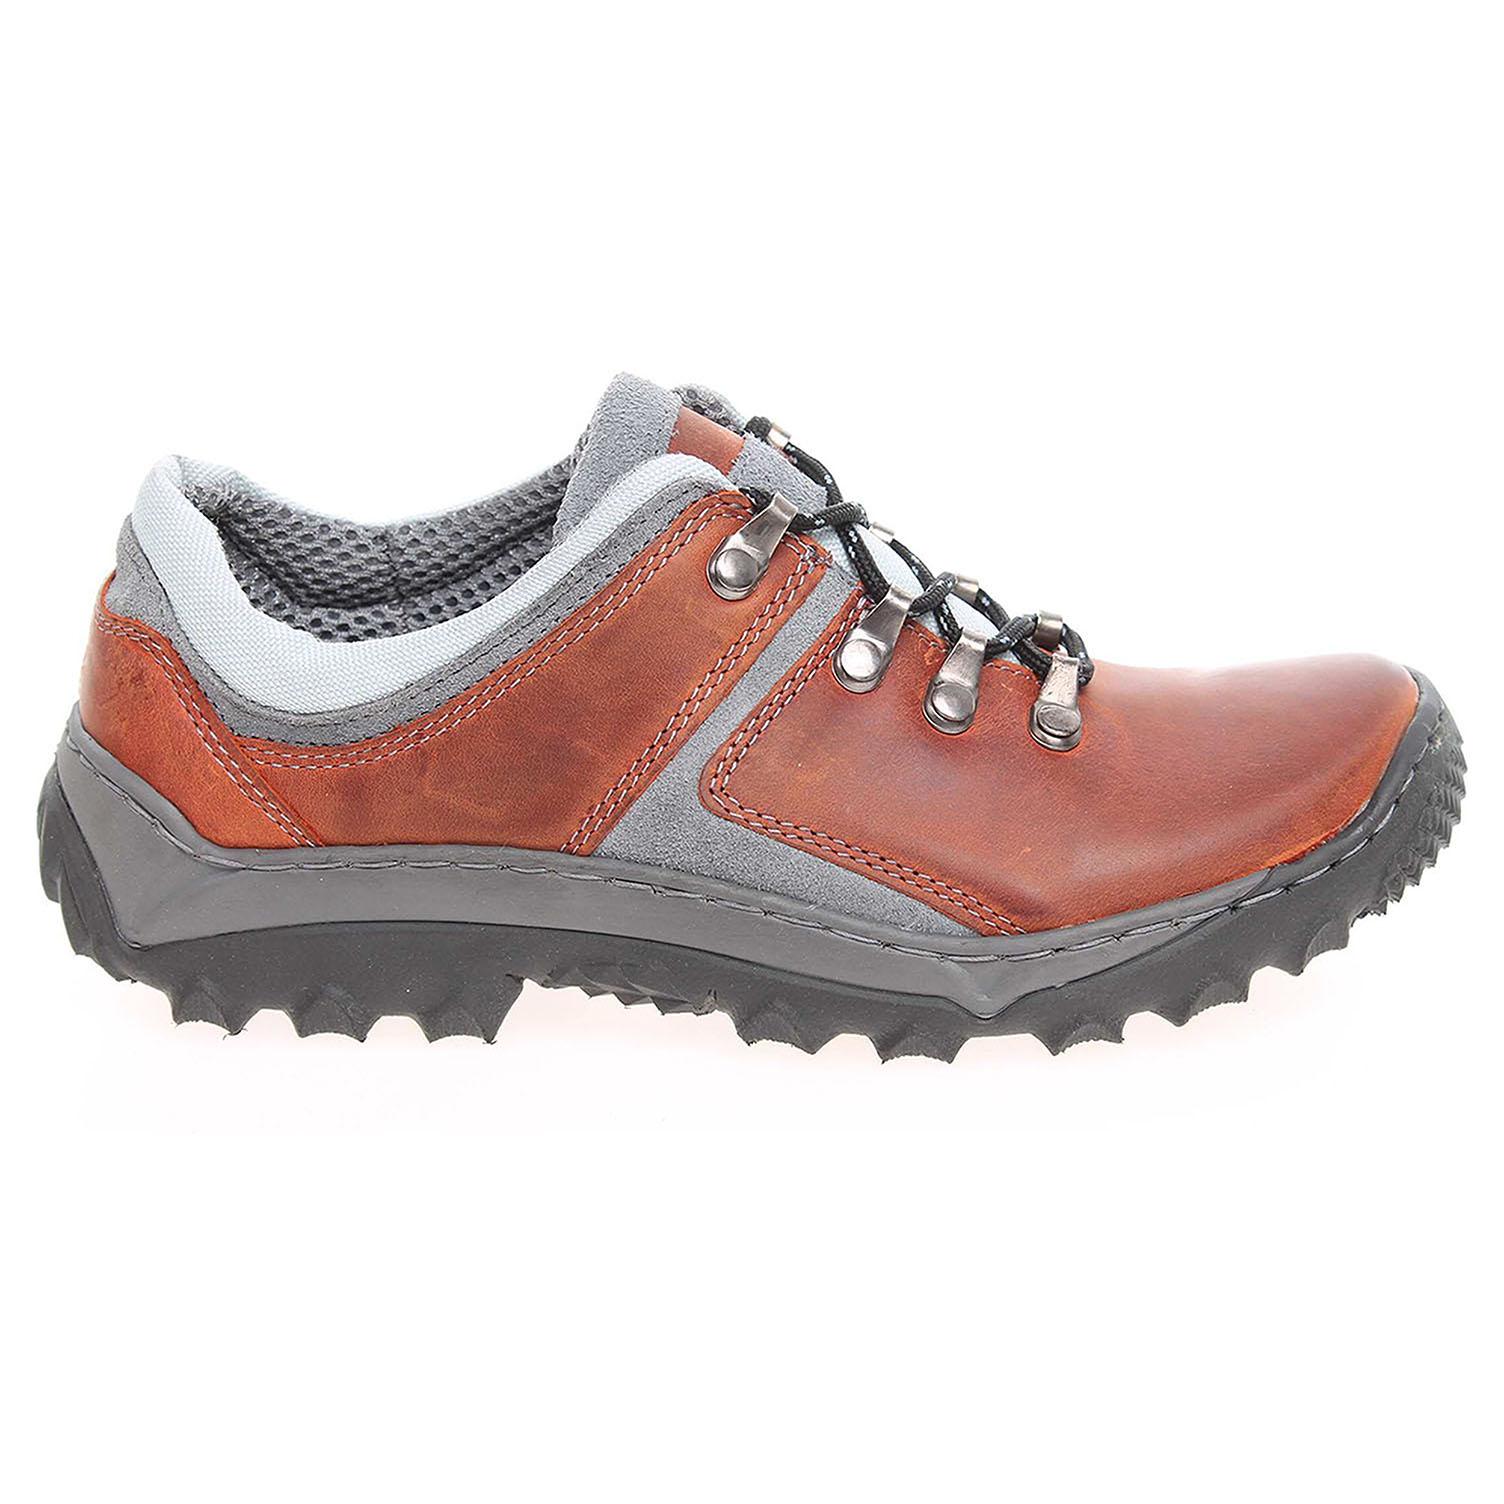 Ecco Dámská vycházková obuv EF188 oranž-šedá 23200570